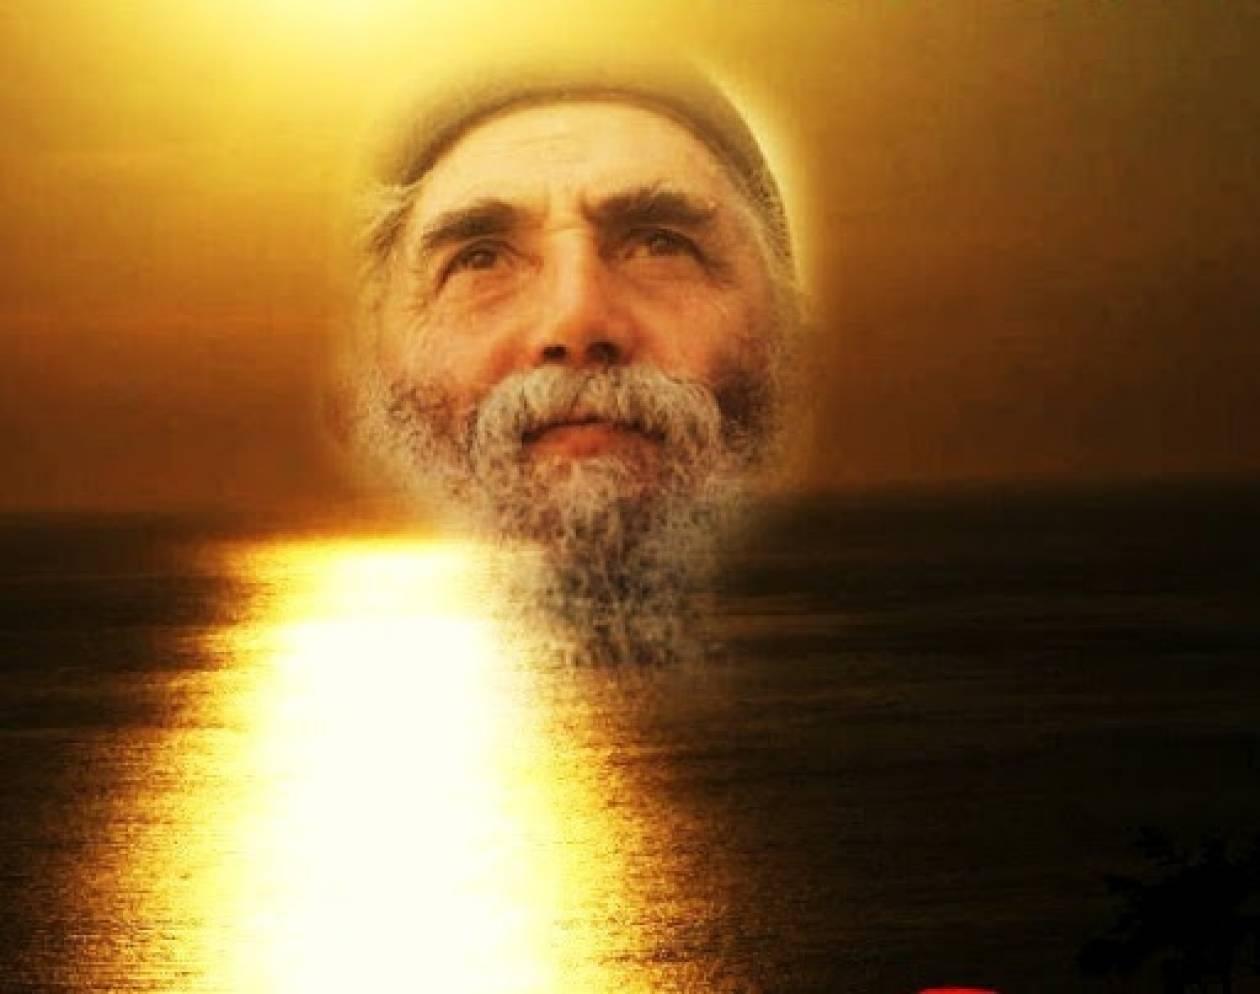 Οι προφητείες του Γέροντα Παΐσιου για το εξωτερικό... χρέος